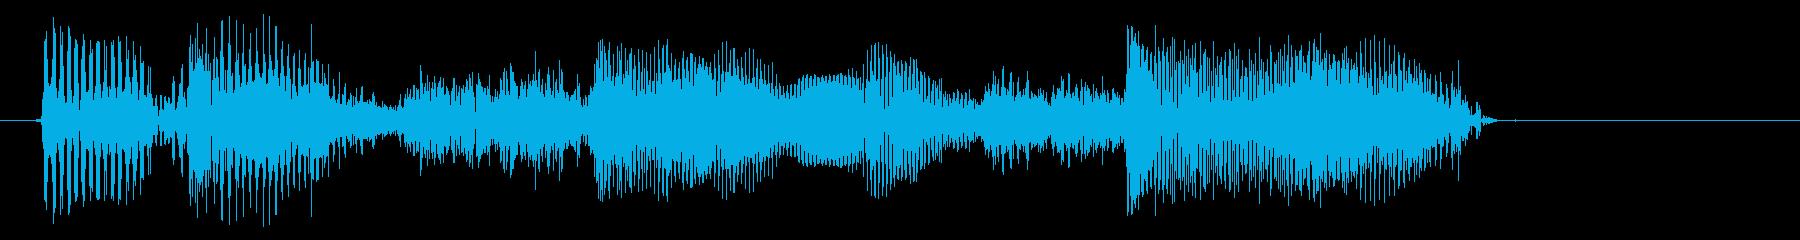 「いらっしゃいませ」の再生済みの波形